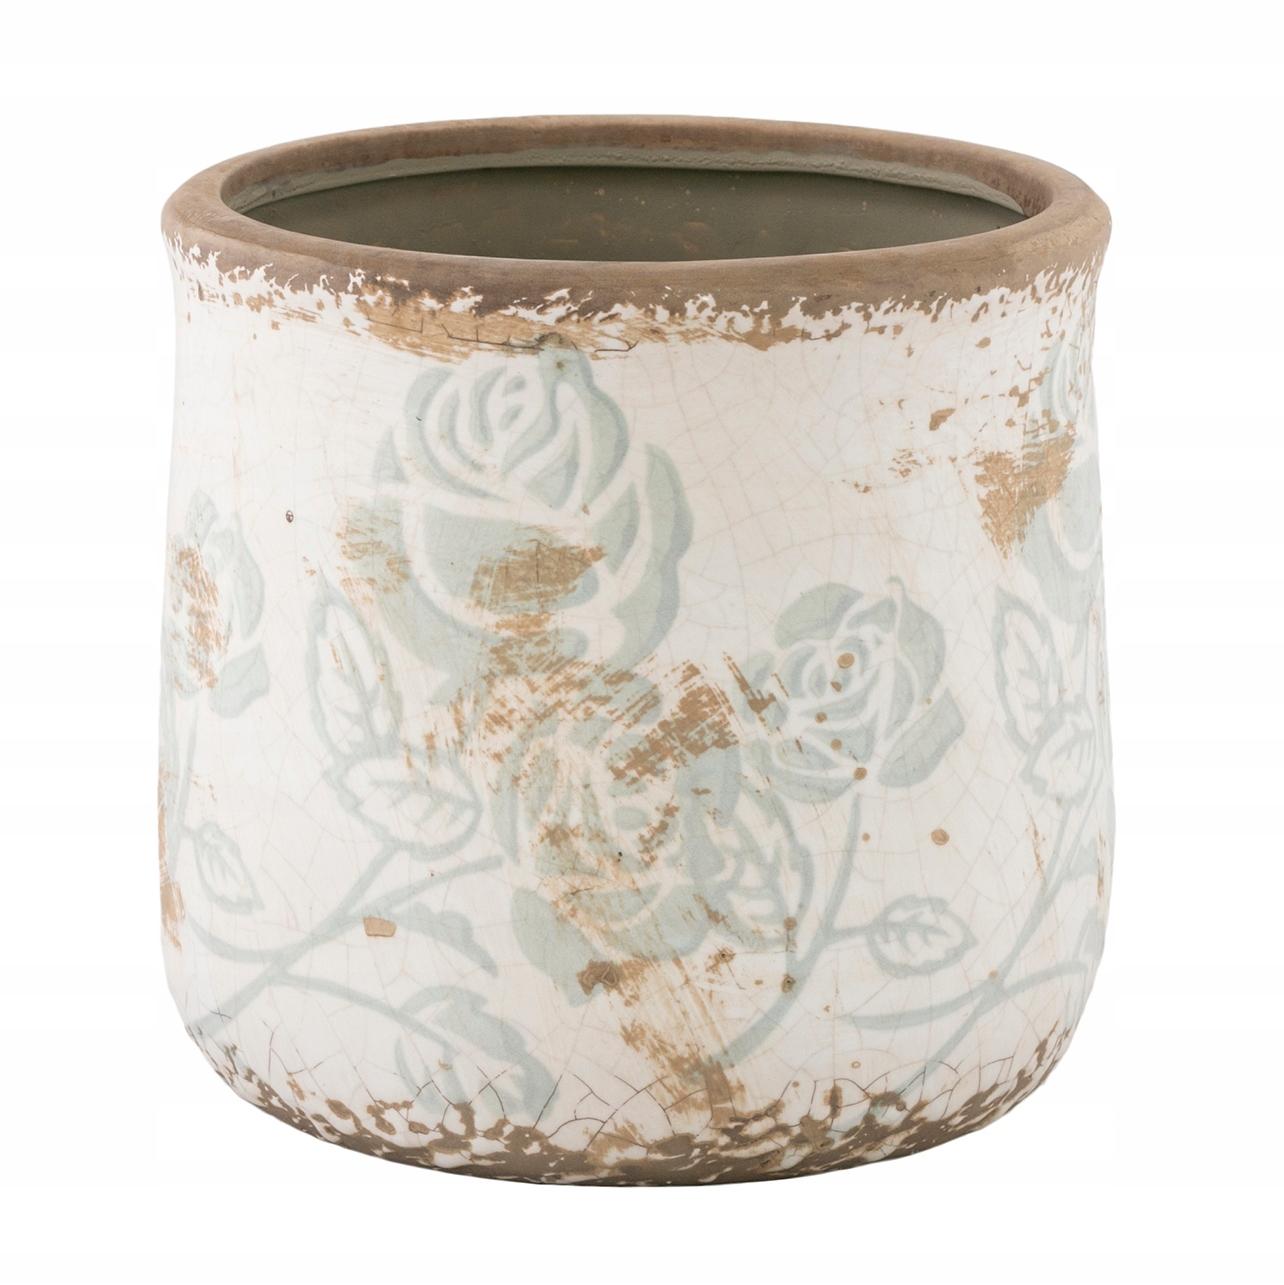 Kvetináč s ružami v retro štýle keramiky 15x15cm